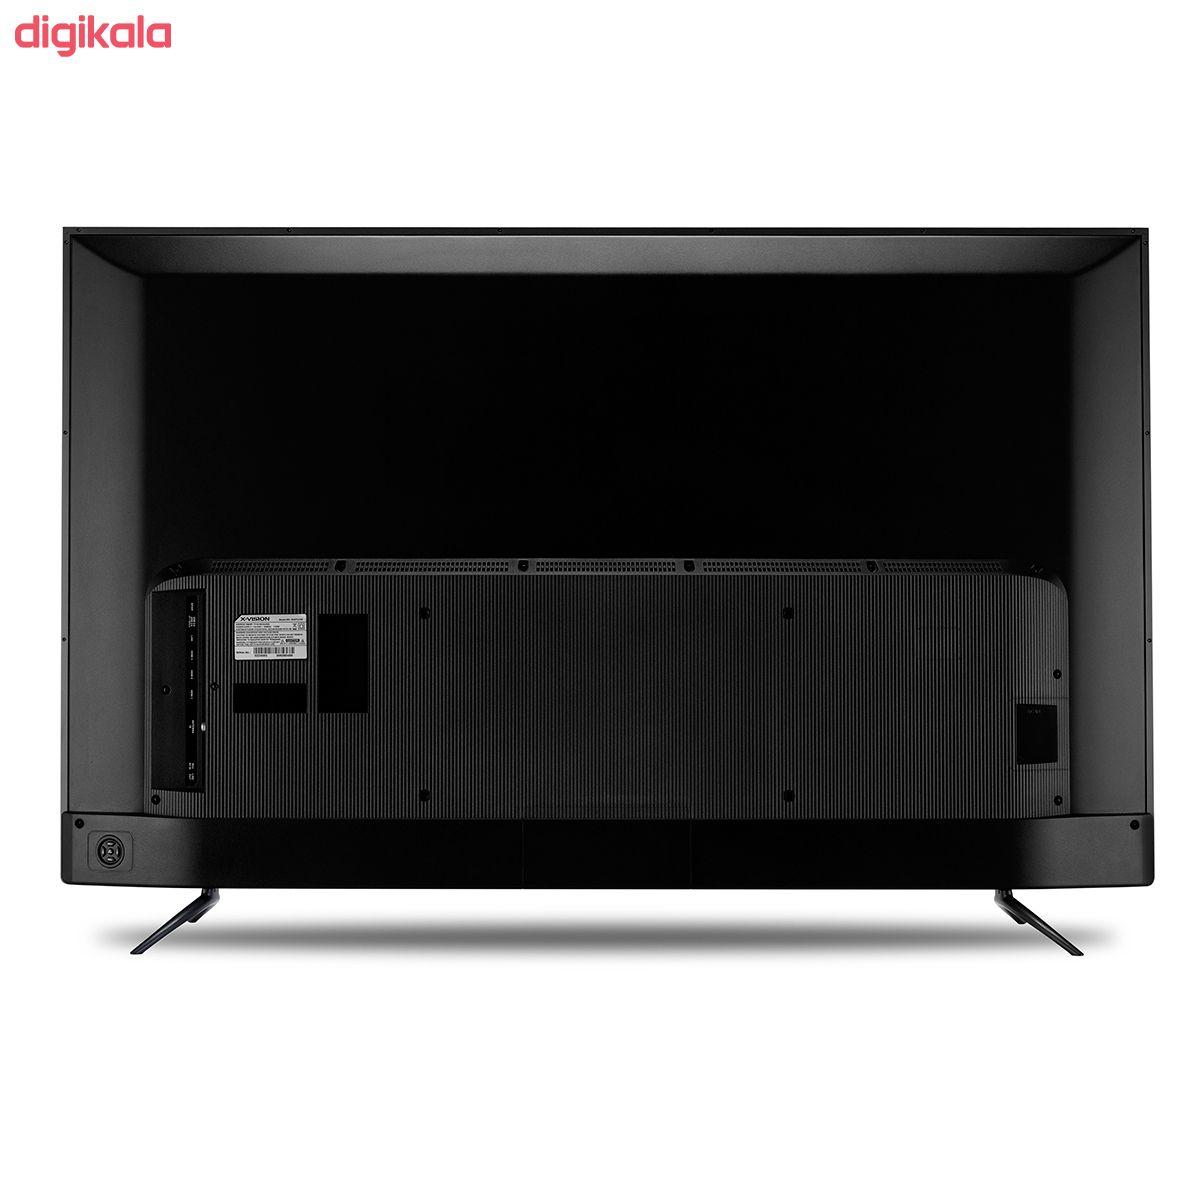 تلویزیون ال ای دی هوشمند ایکس ویژن مدل 55XTU745 سایز 55 اینچ main 1 5